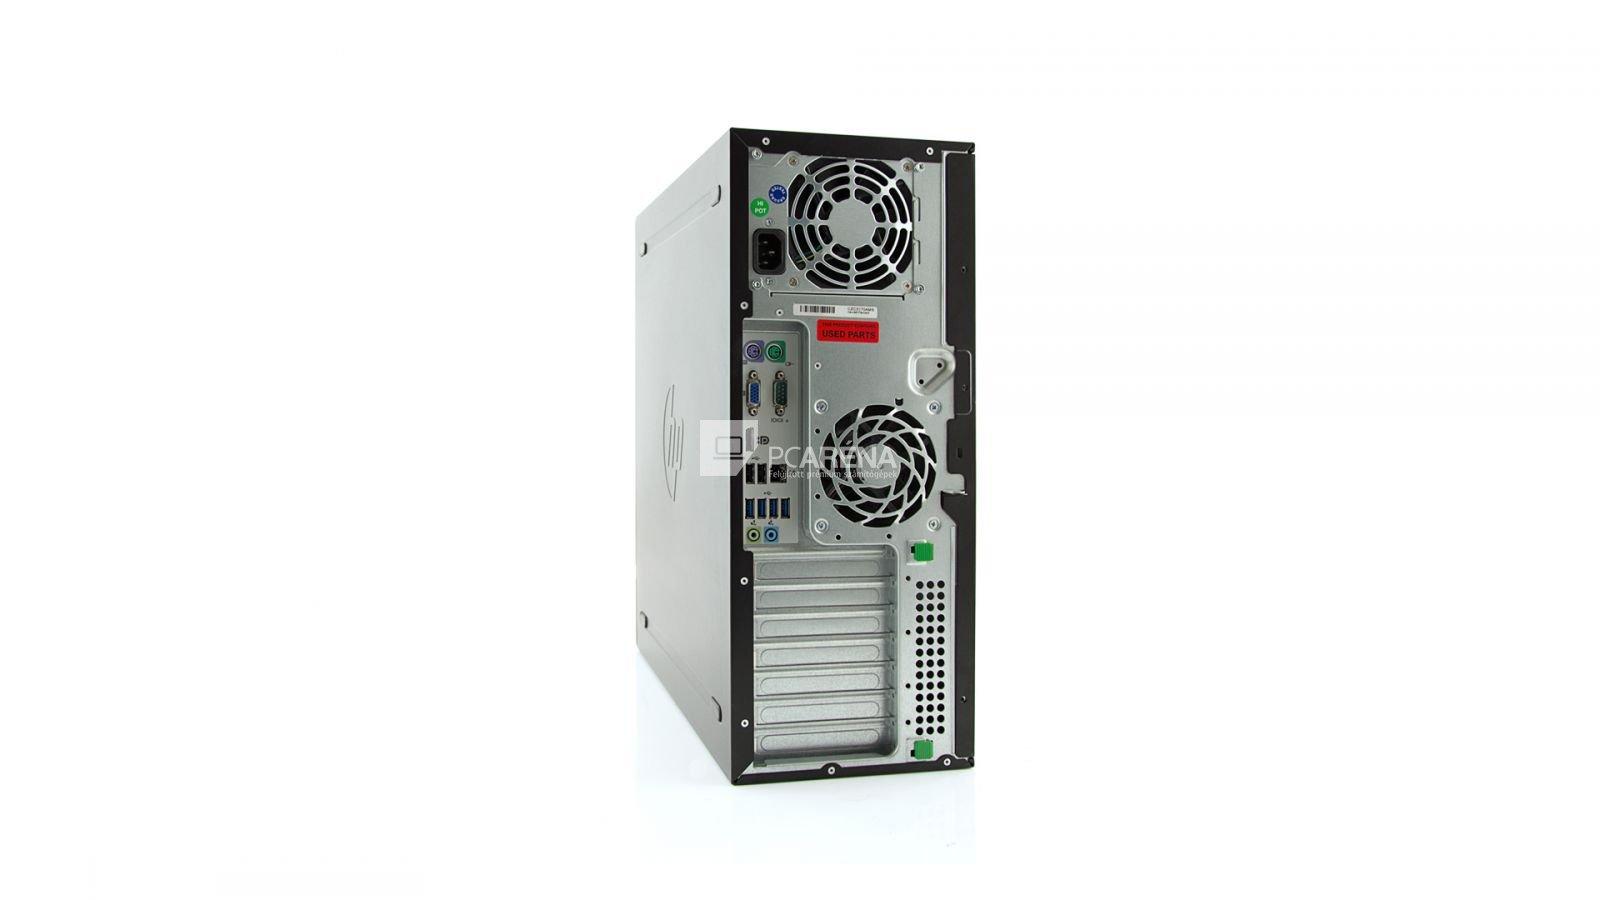 HP Compaq Elite 8300 CMT számítógép